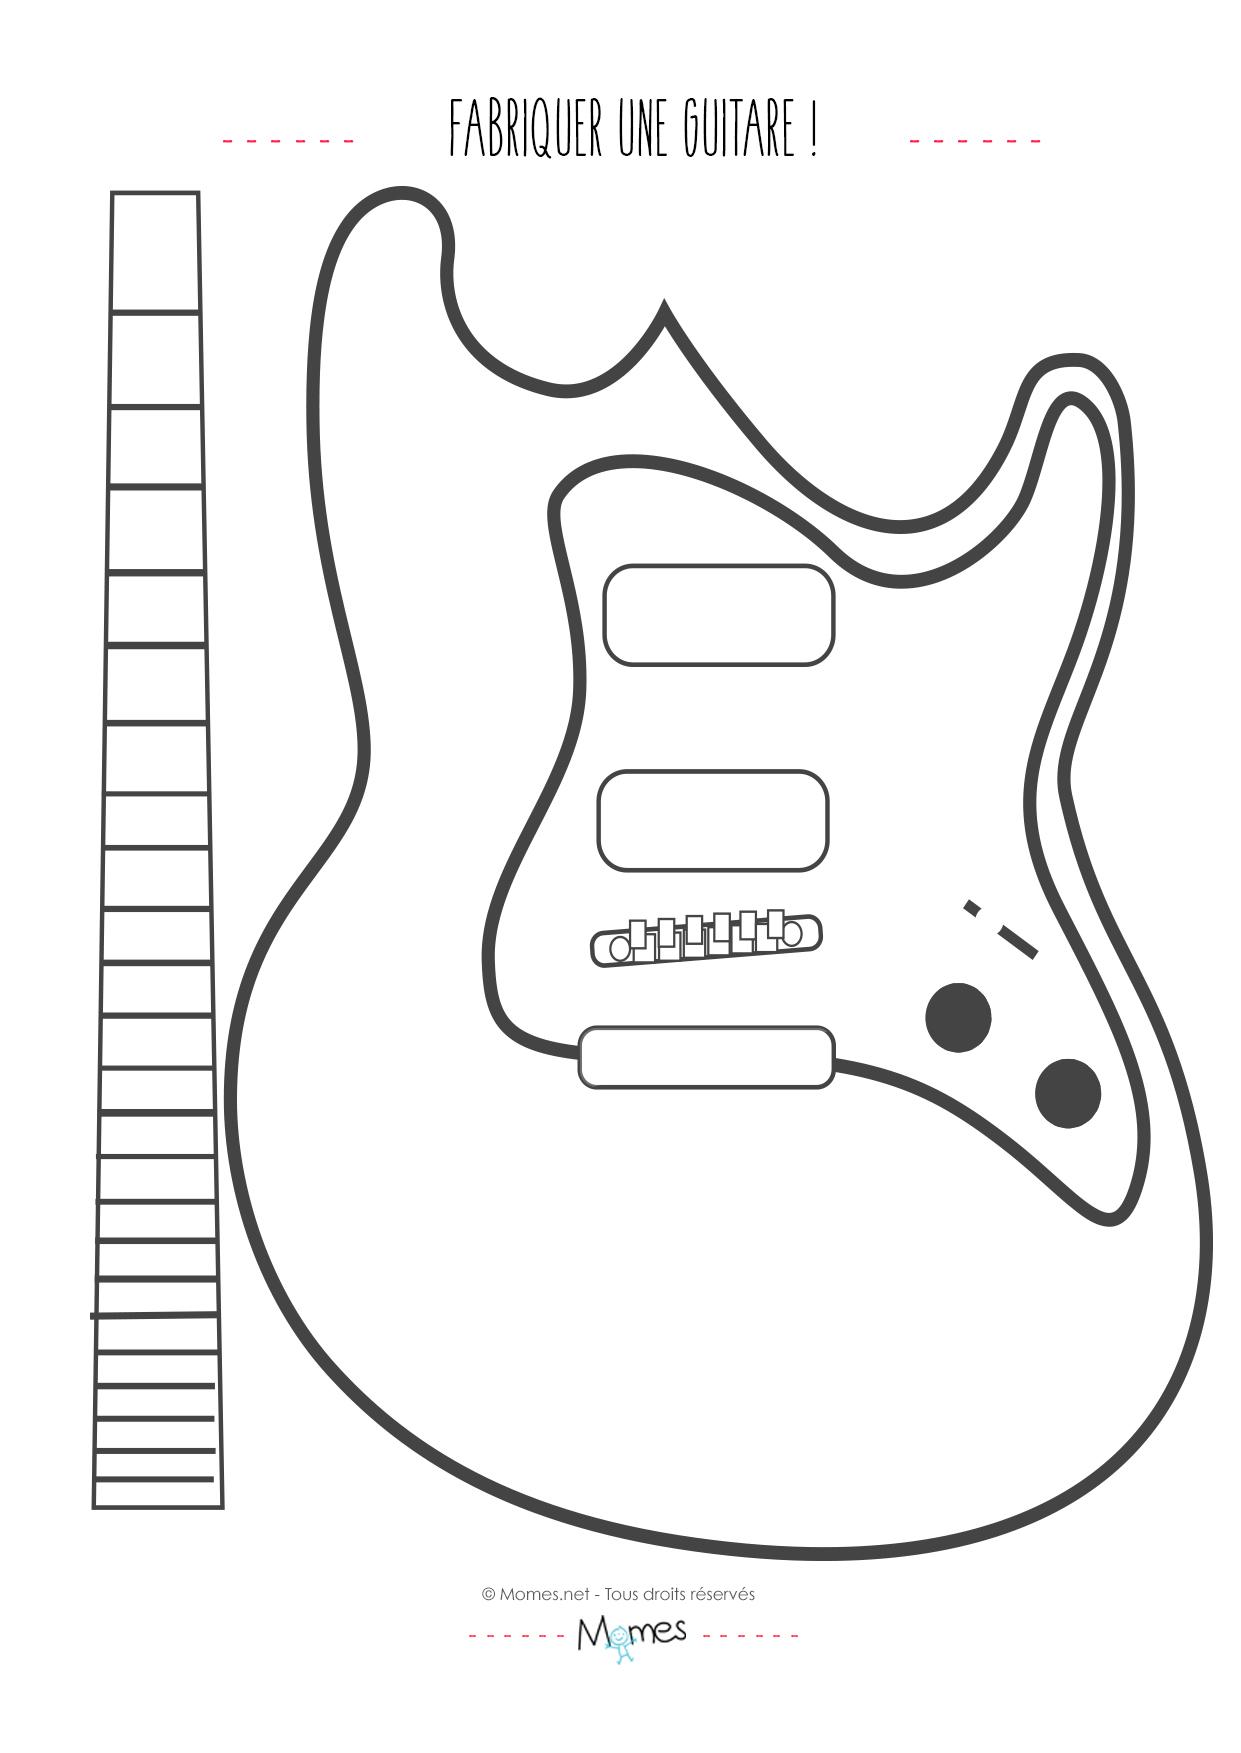 Pin coloriage d une guitare lectrique on pinterest - Fabriquer une cheminee en carton ...